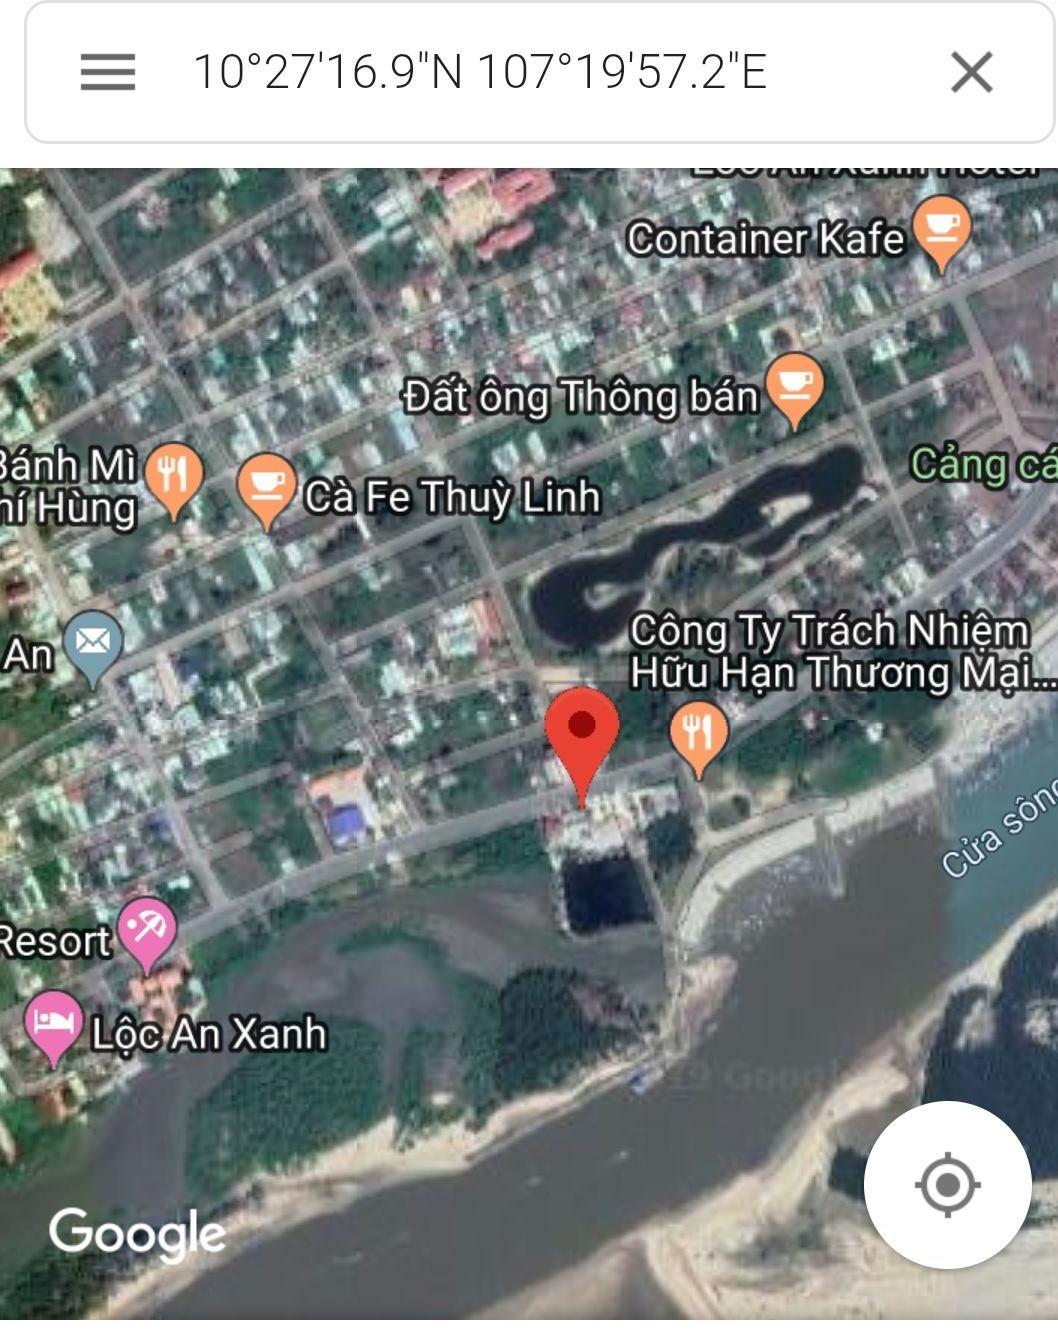 Bán nhanh lô đất mặt tiền đường ven biển Lộc An